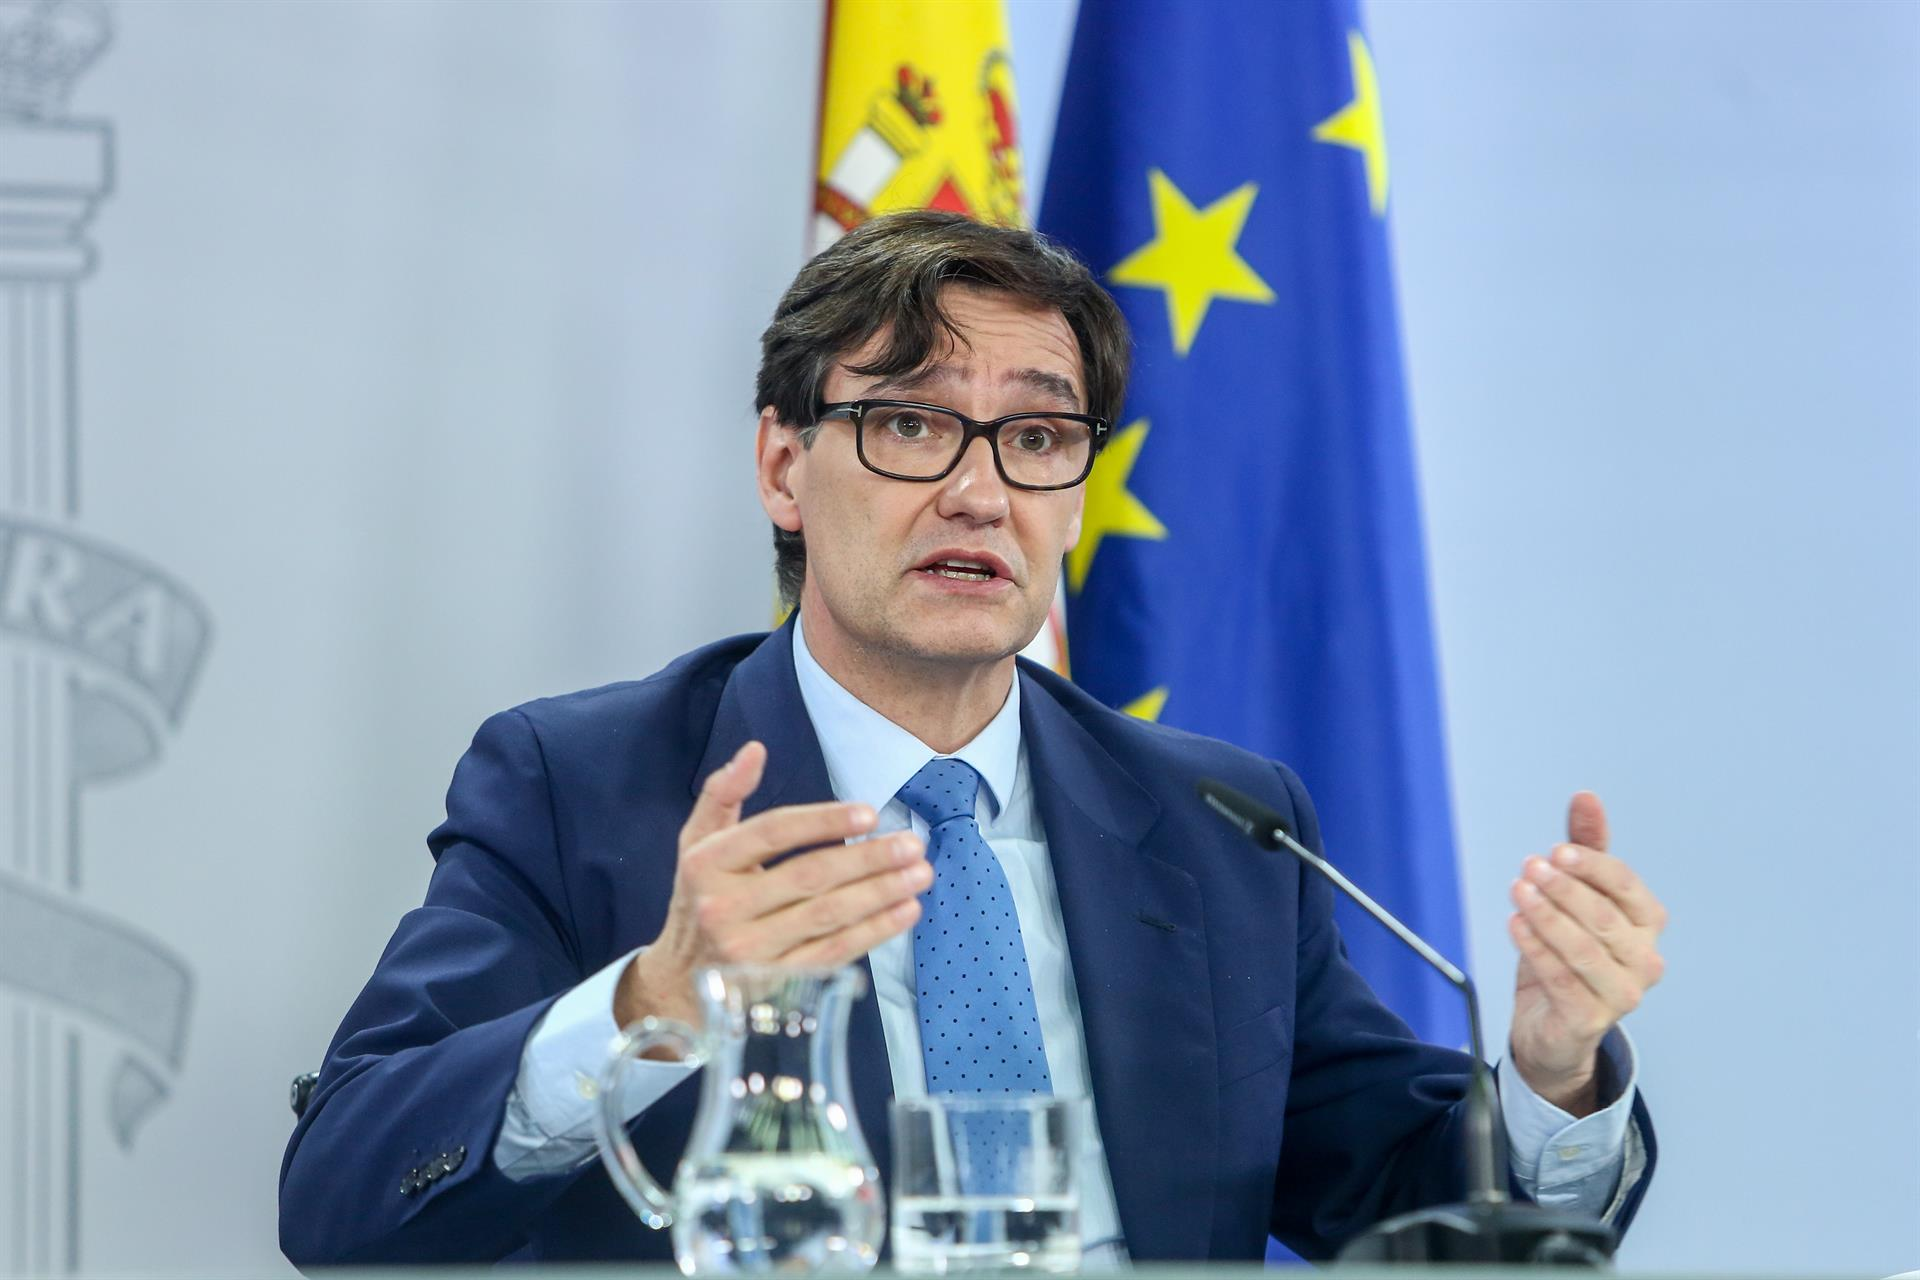 El ministro de Sanidad, Salvador Illa, ofrece una rueda de prensa tras la celebración del Consejo Interterritorial en el Complejo de Moncloa, en Madrid,